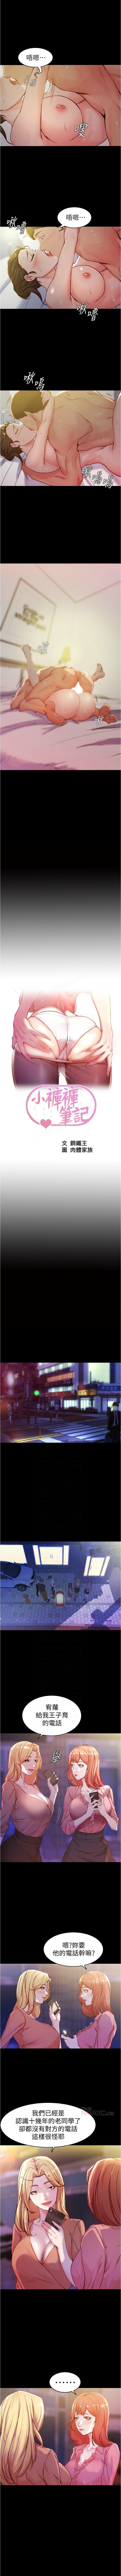 panty note 小褲褲筆記 小裤裤笔记 01-35 连载中 中文 重新排序 Reorder 162